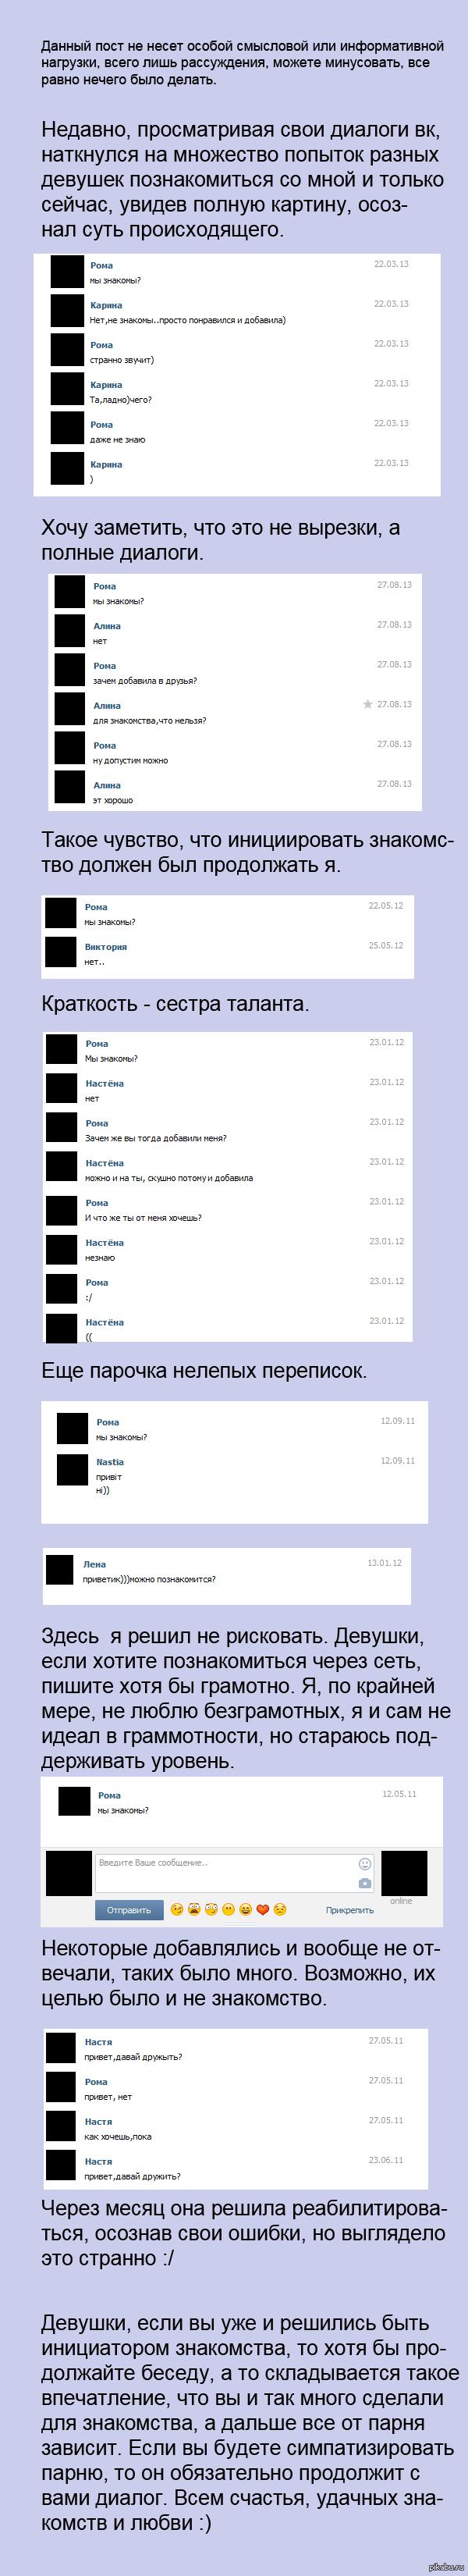 Диалог по знакомства